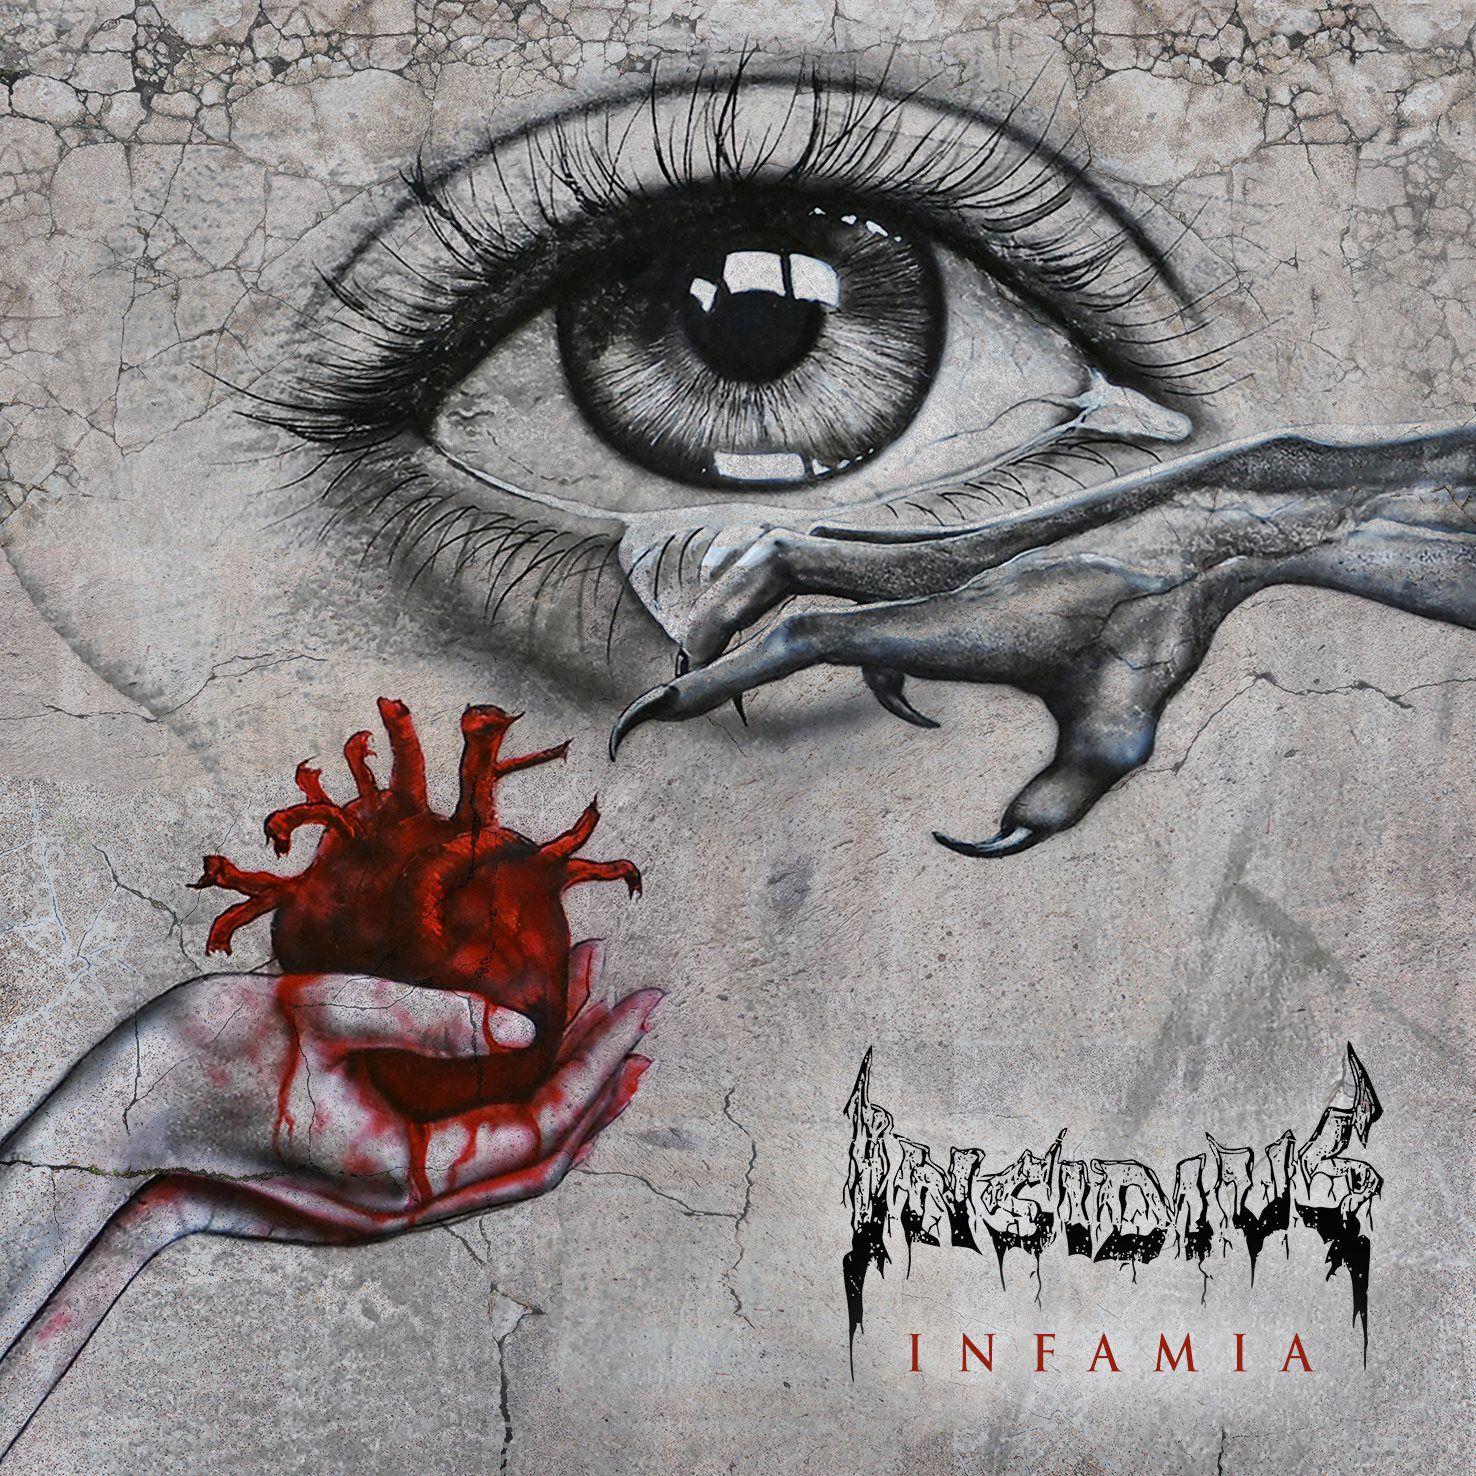 Insidius: Infamia - Death metal album